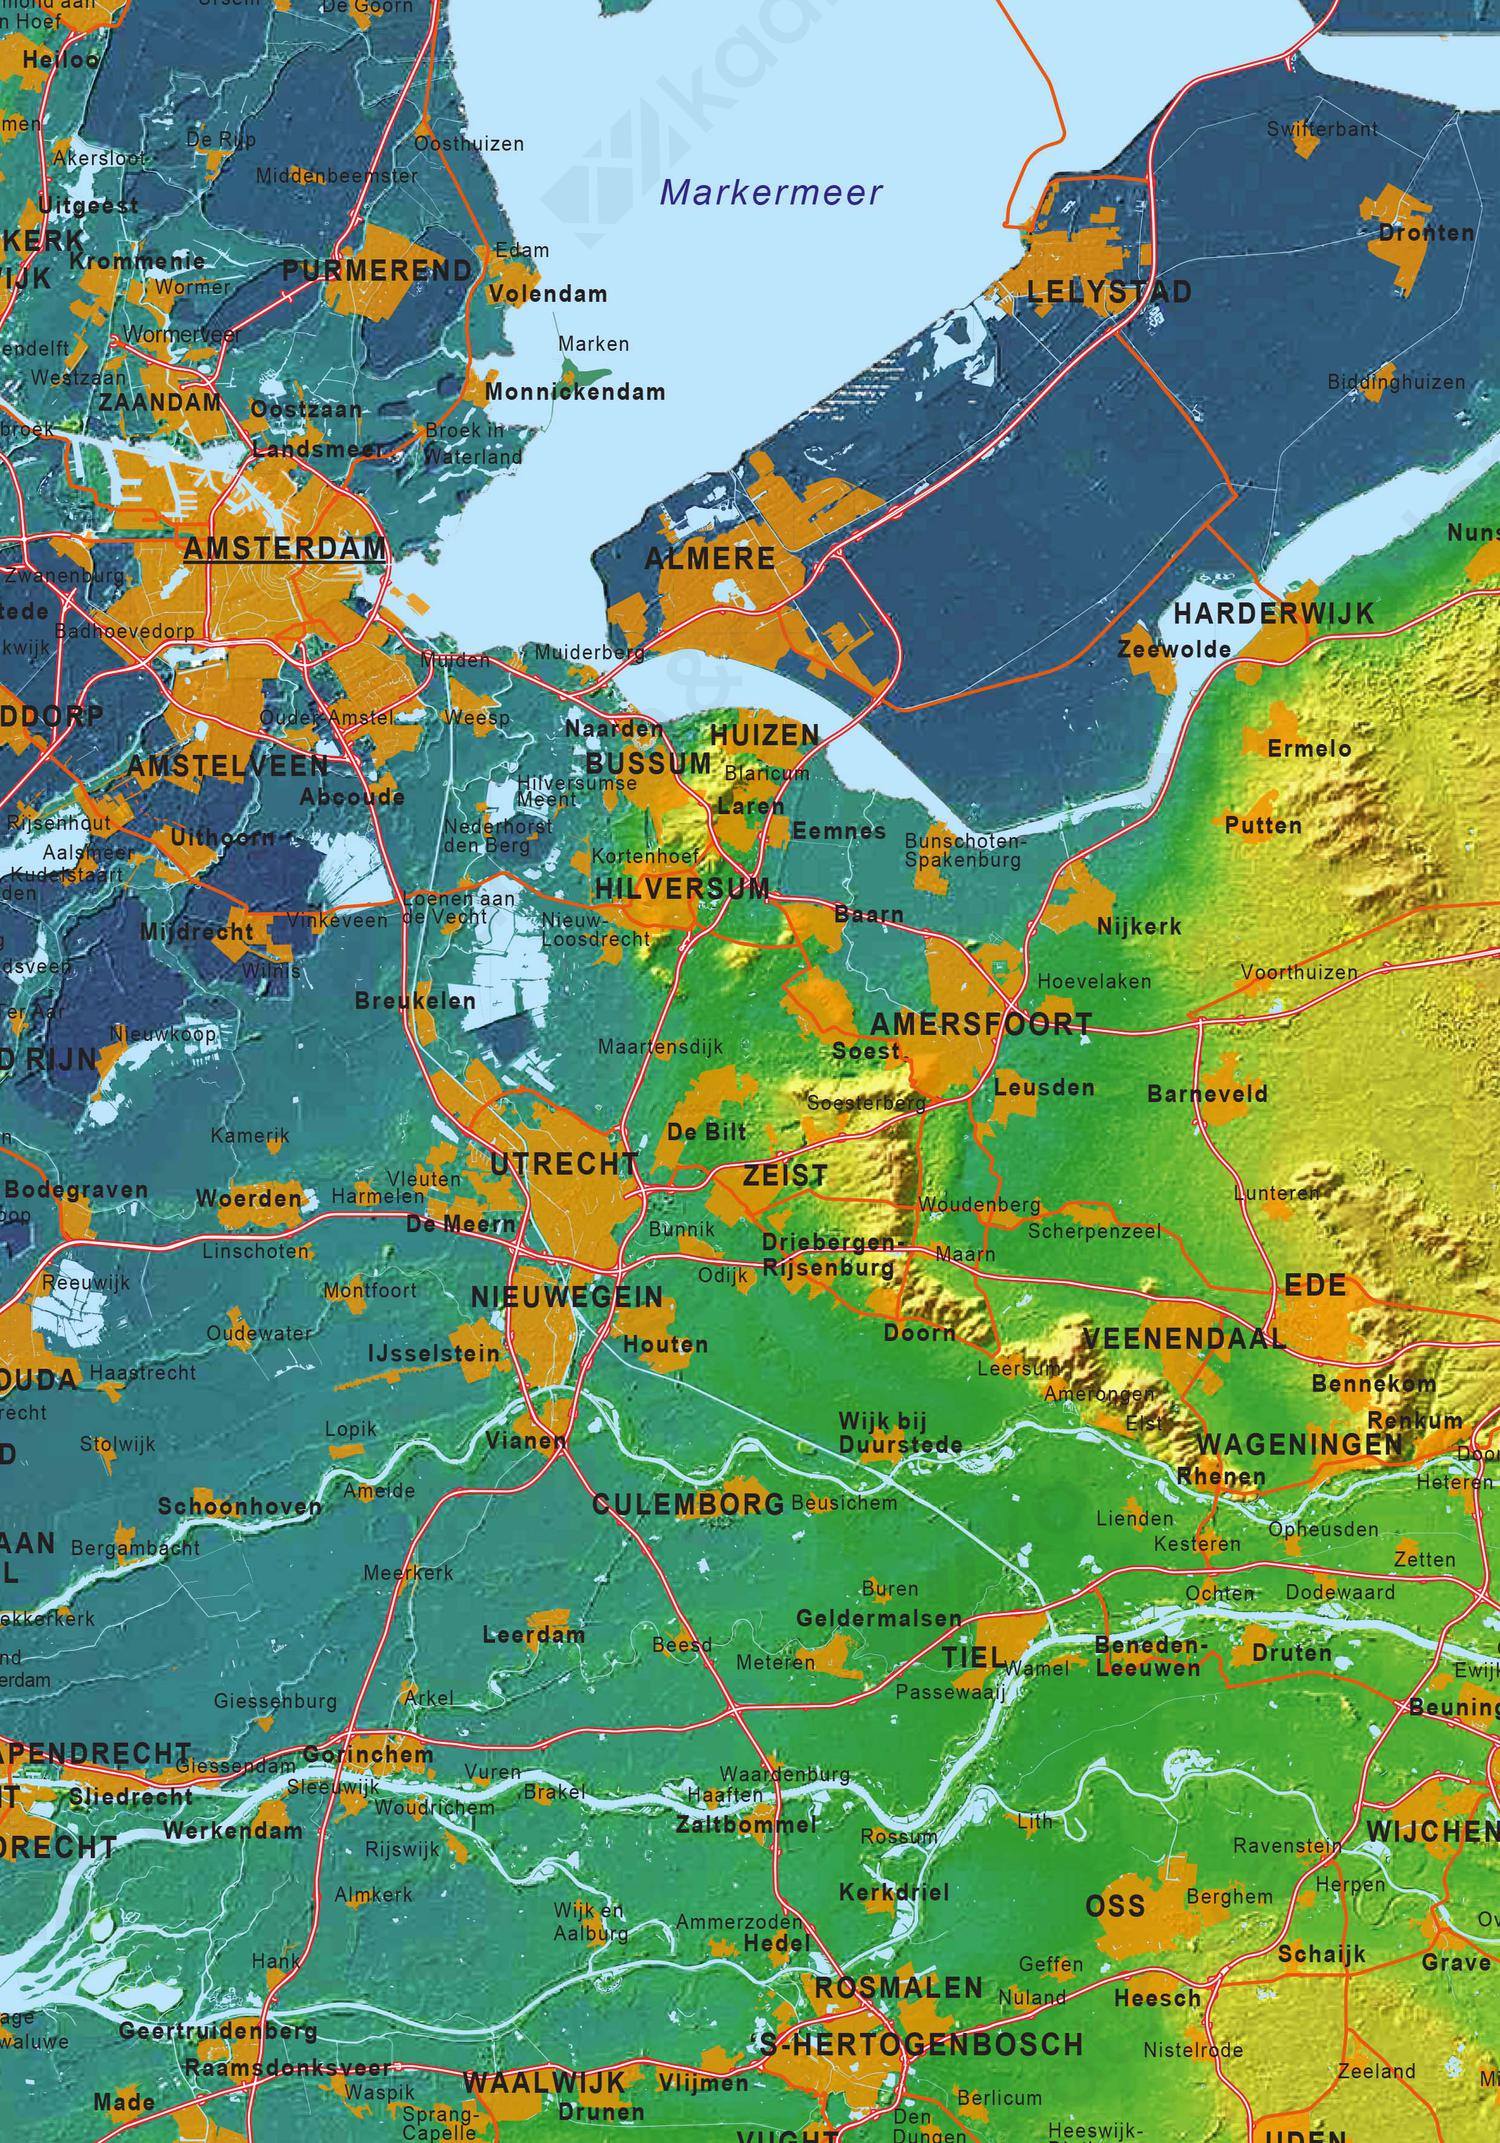 Kaart van Nederland met de hoogtes ten opzichte van het zeeniveau